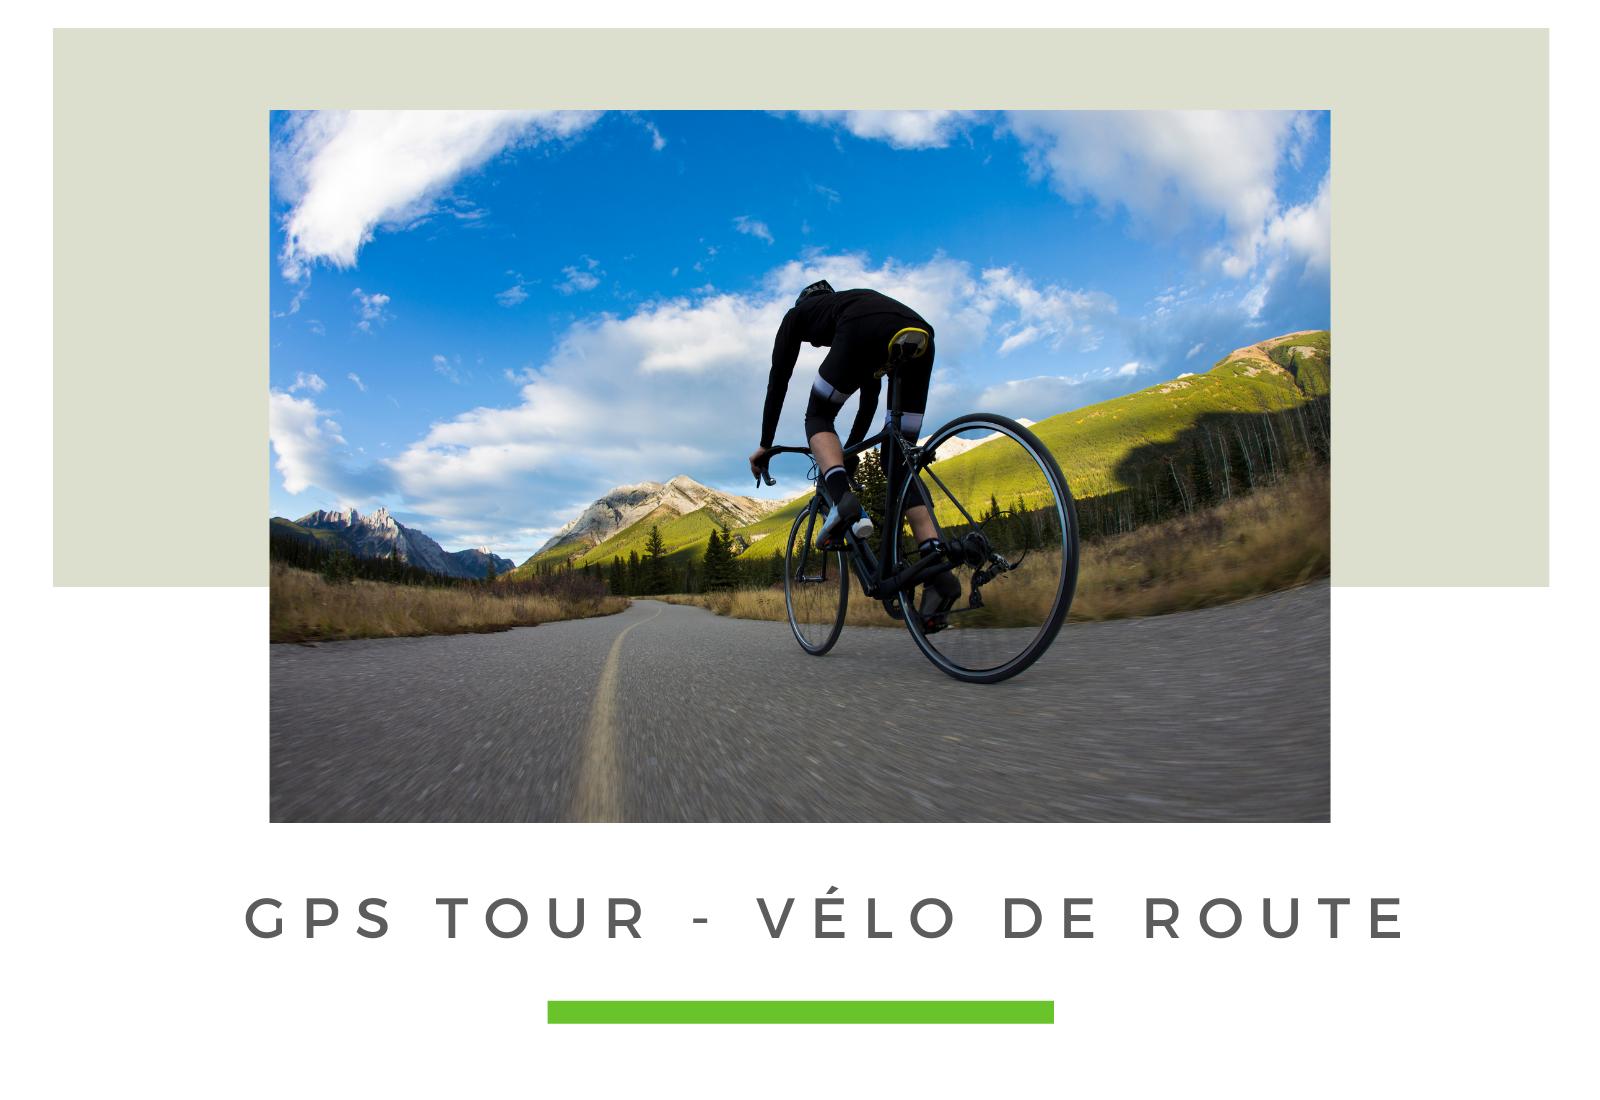 Itinéraire vélo circuit de route au Pays Basque